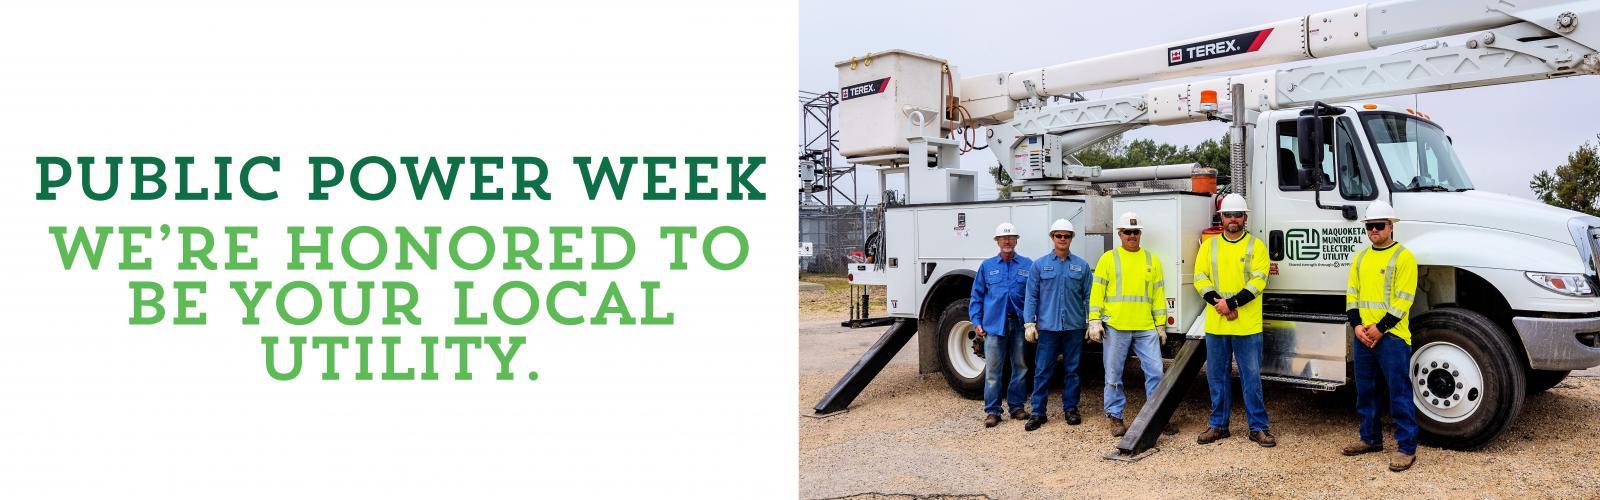 Text: Public Power Week